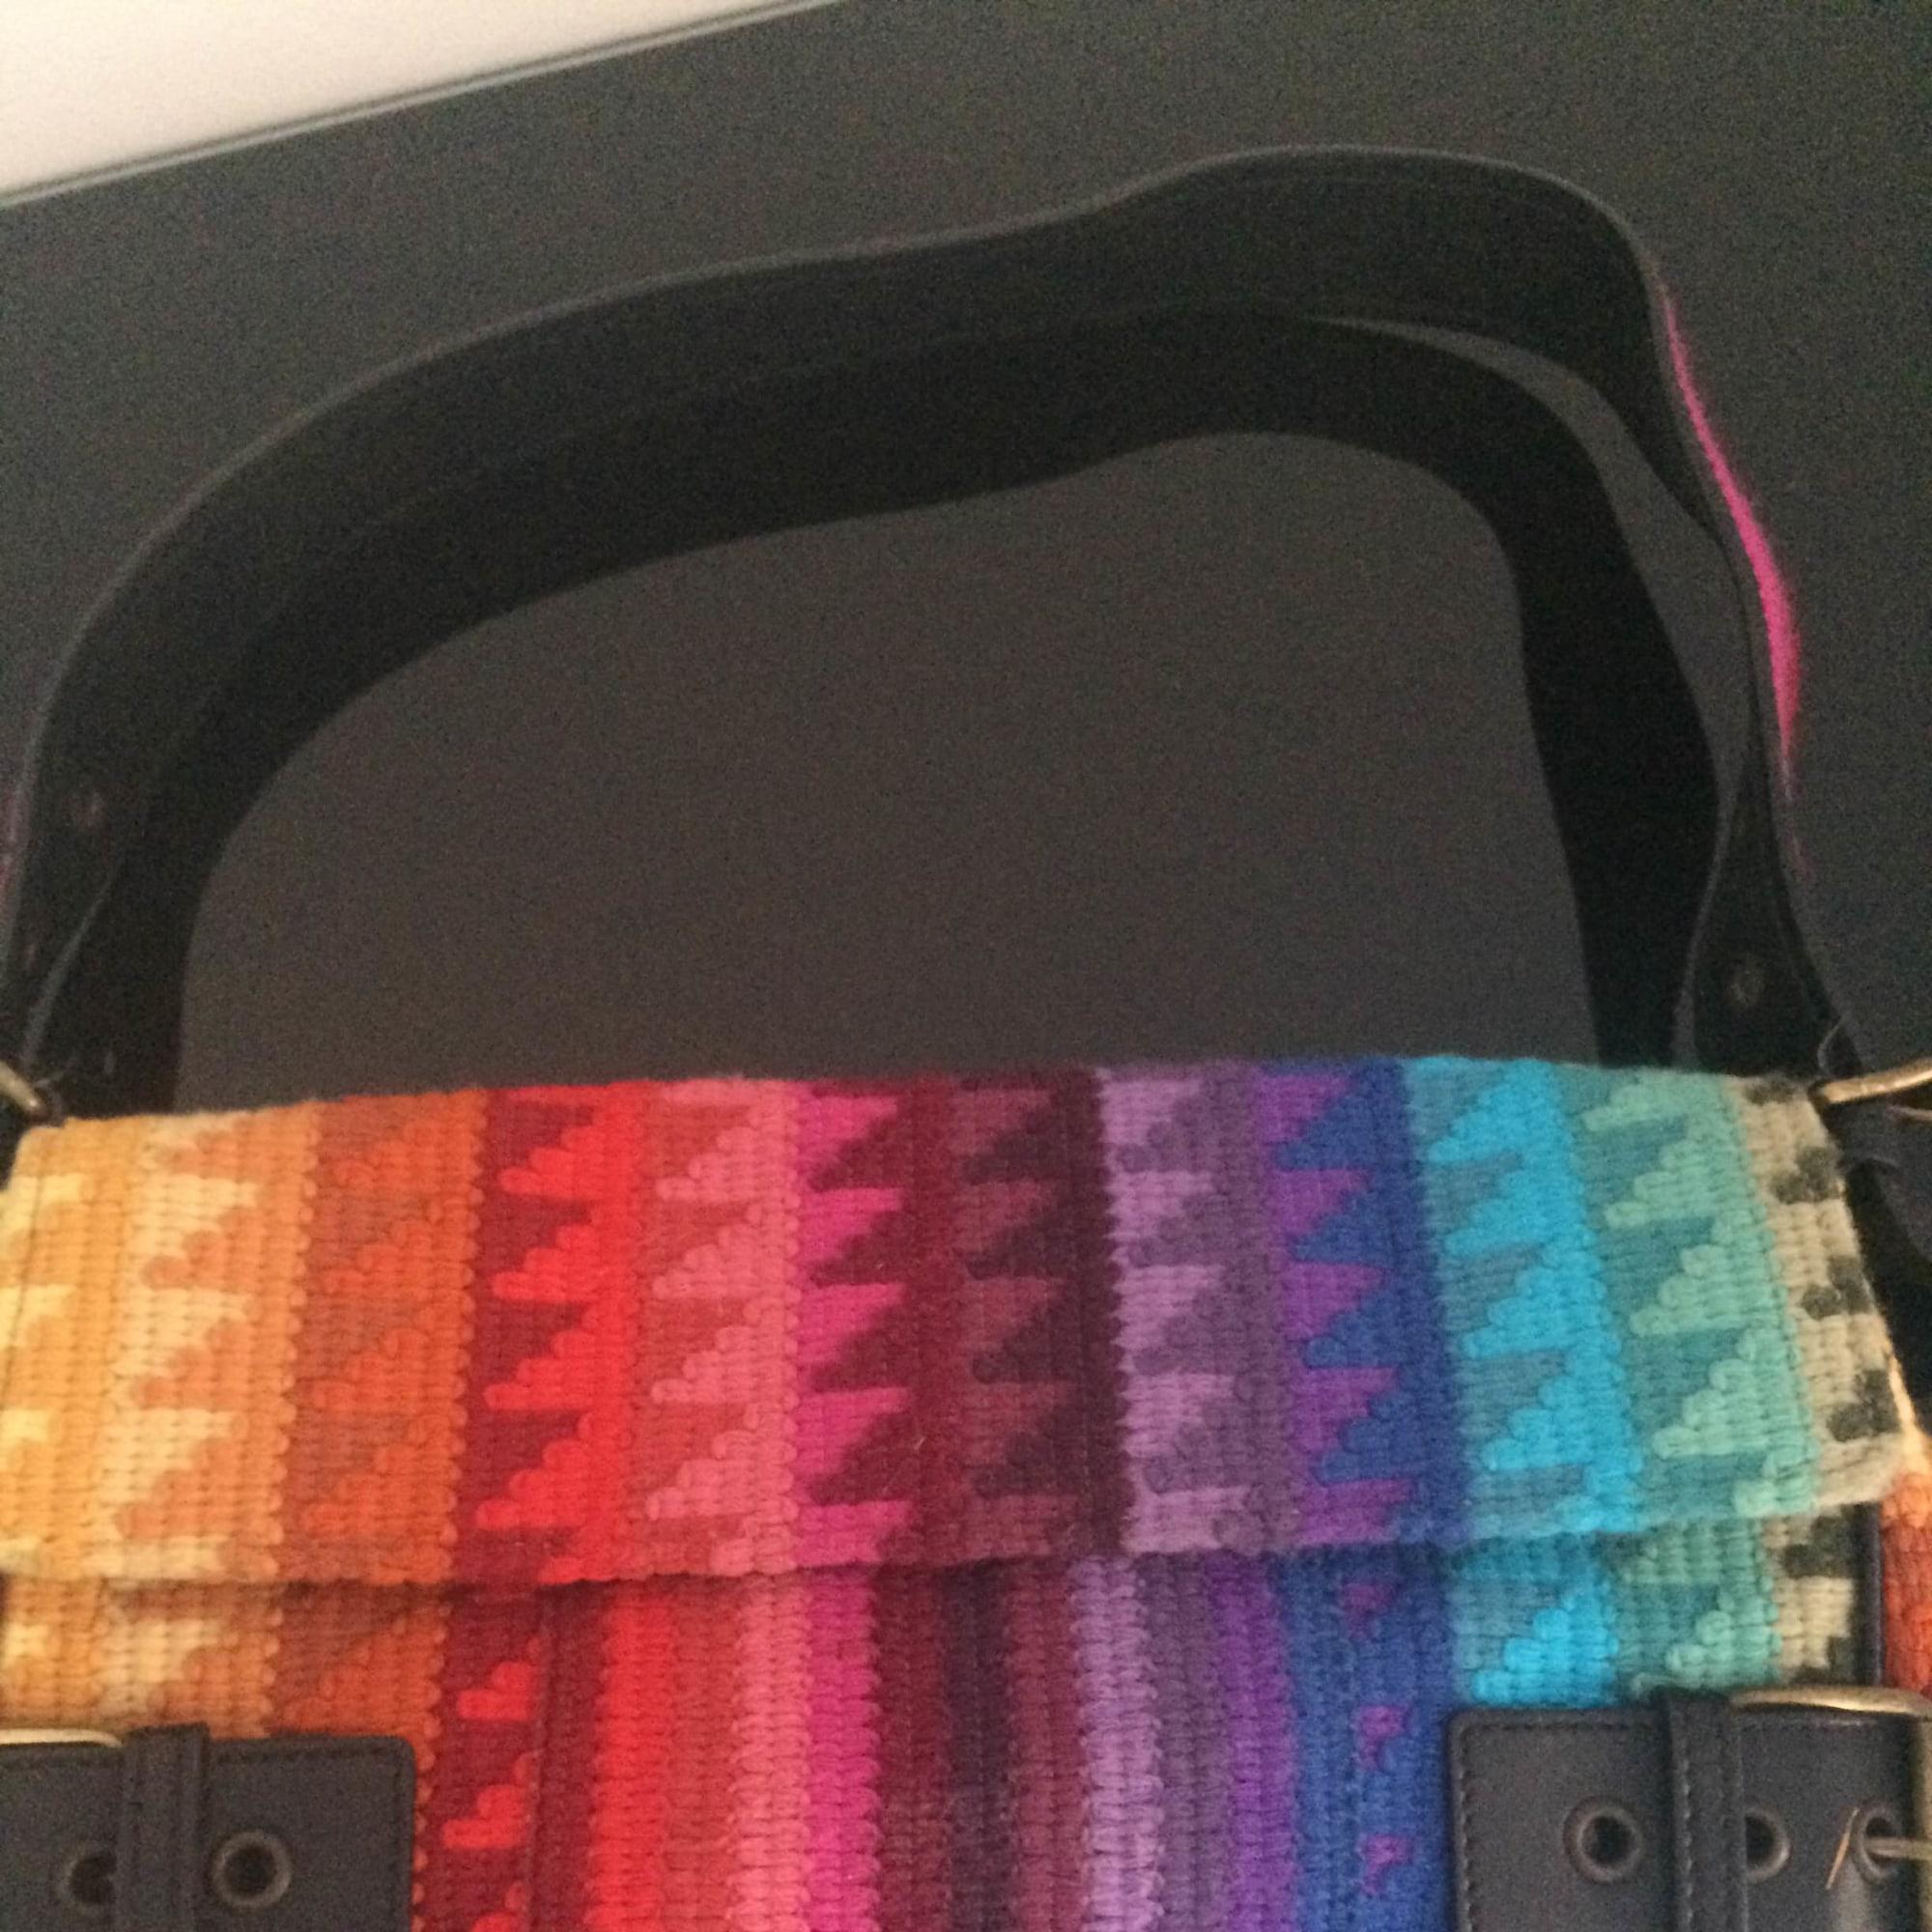 Sac pochette en tissu JOHN GALLIANO coton multicolore